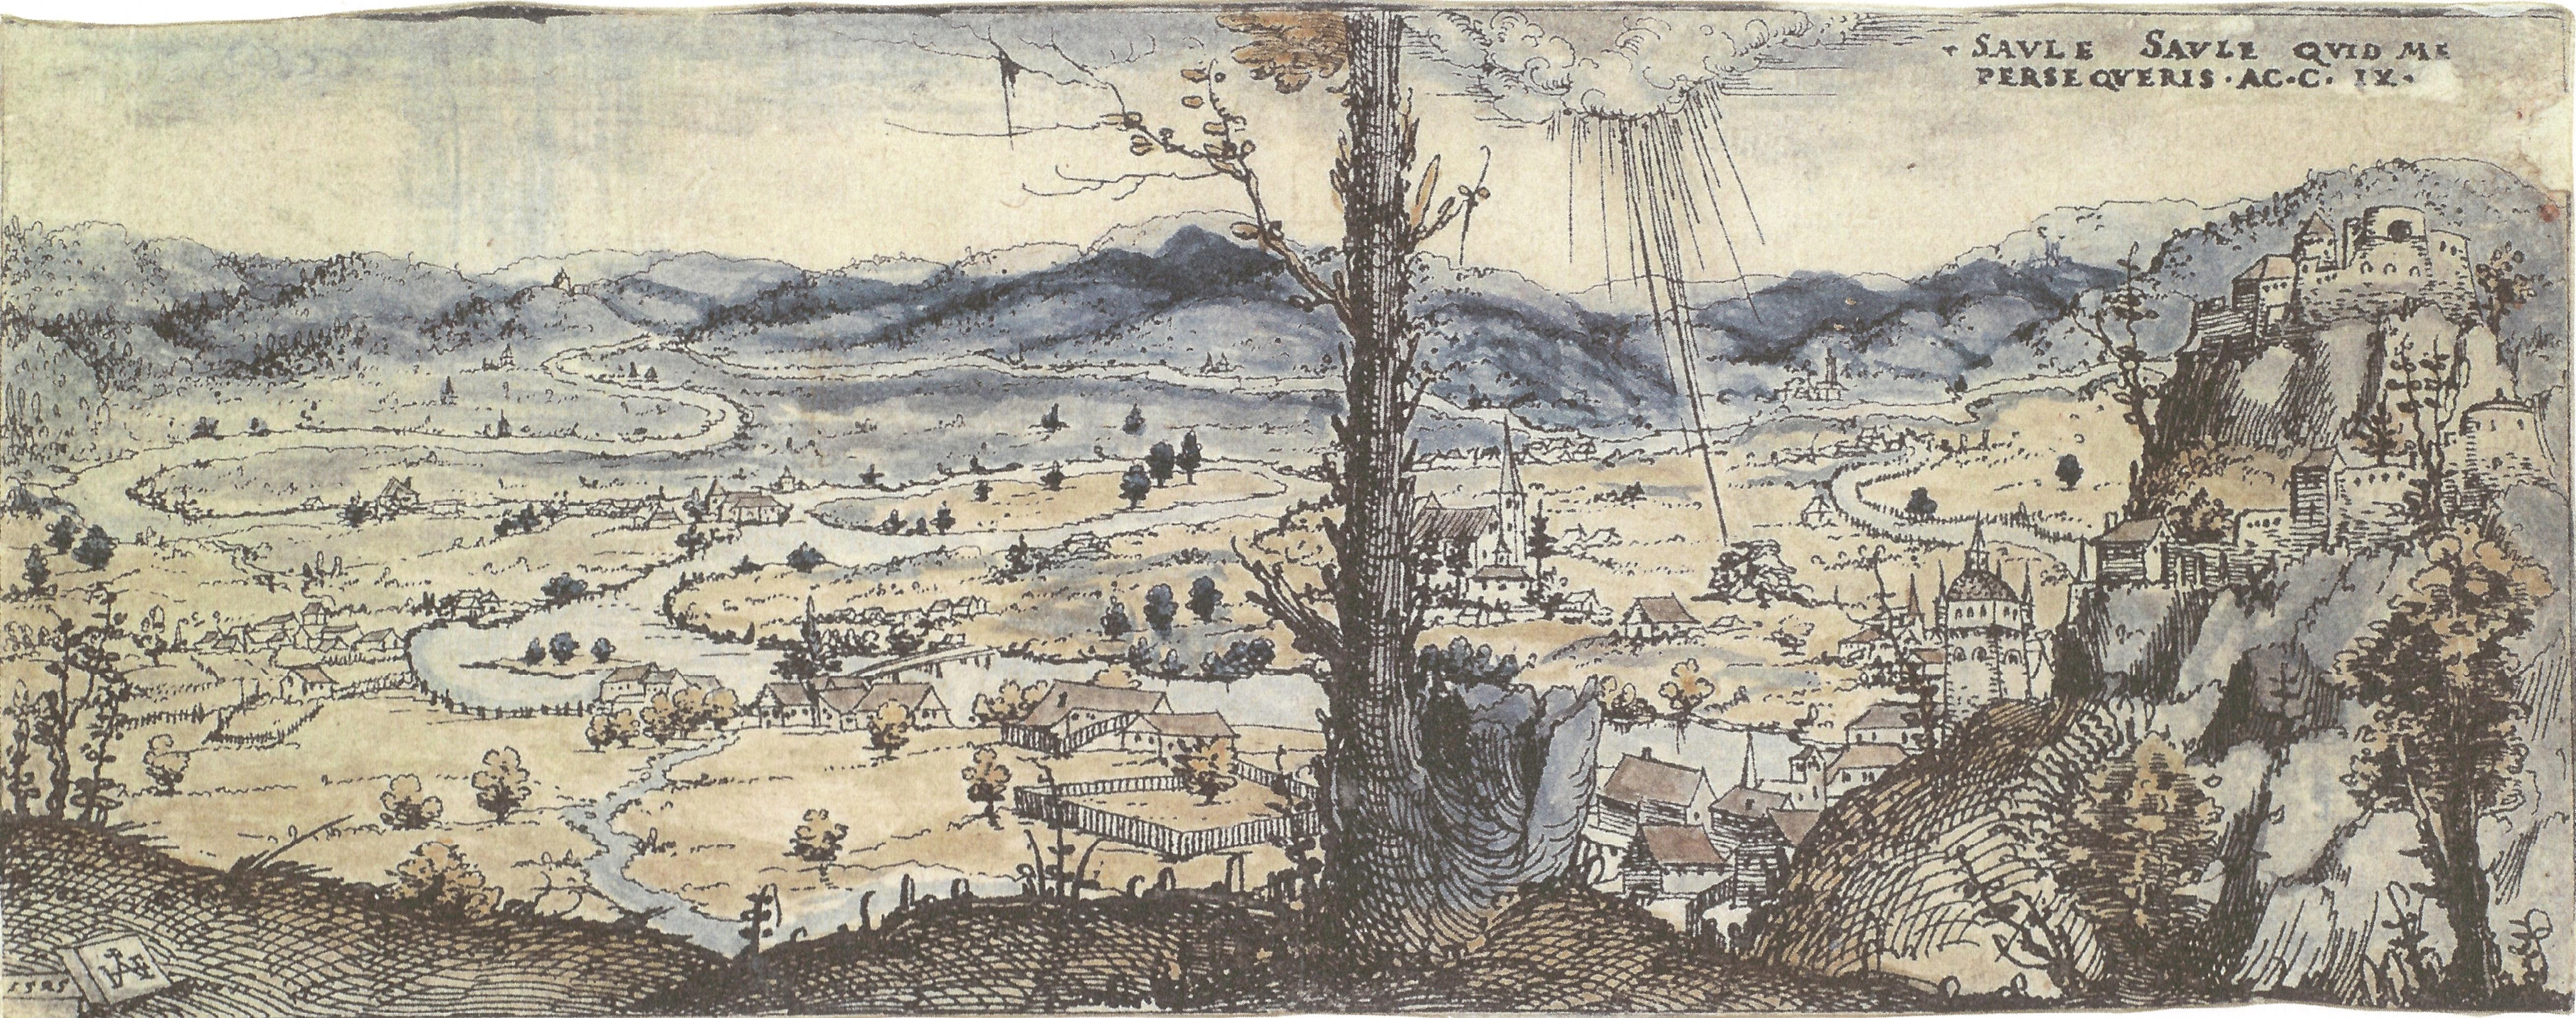 File:Hirschvogel, Augustin — Weite, von einem Fluss durchzogene Landschaft  — nach 1545